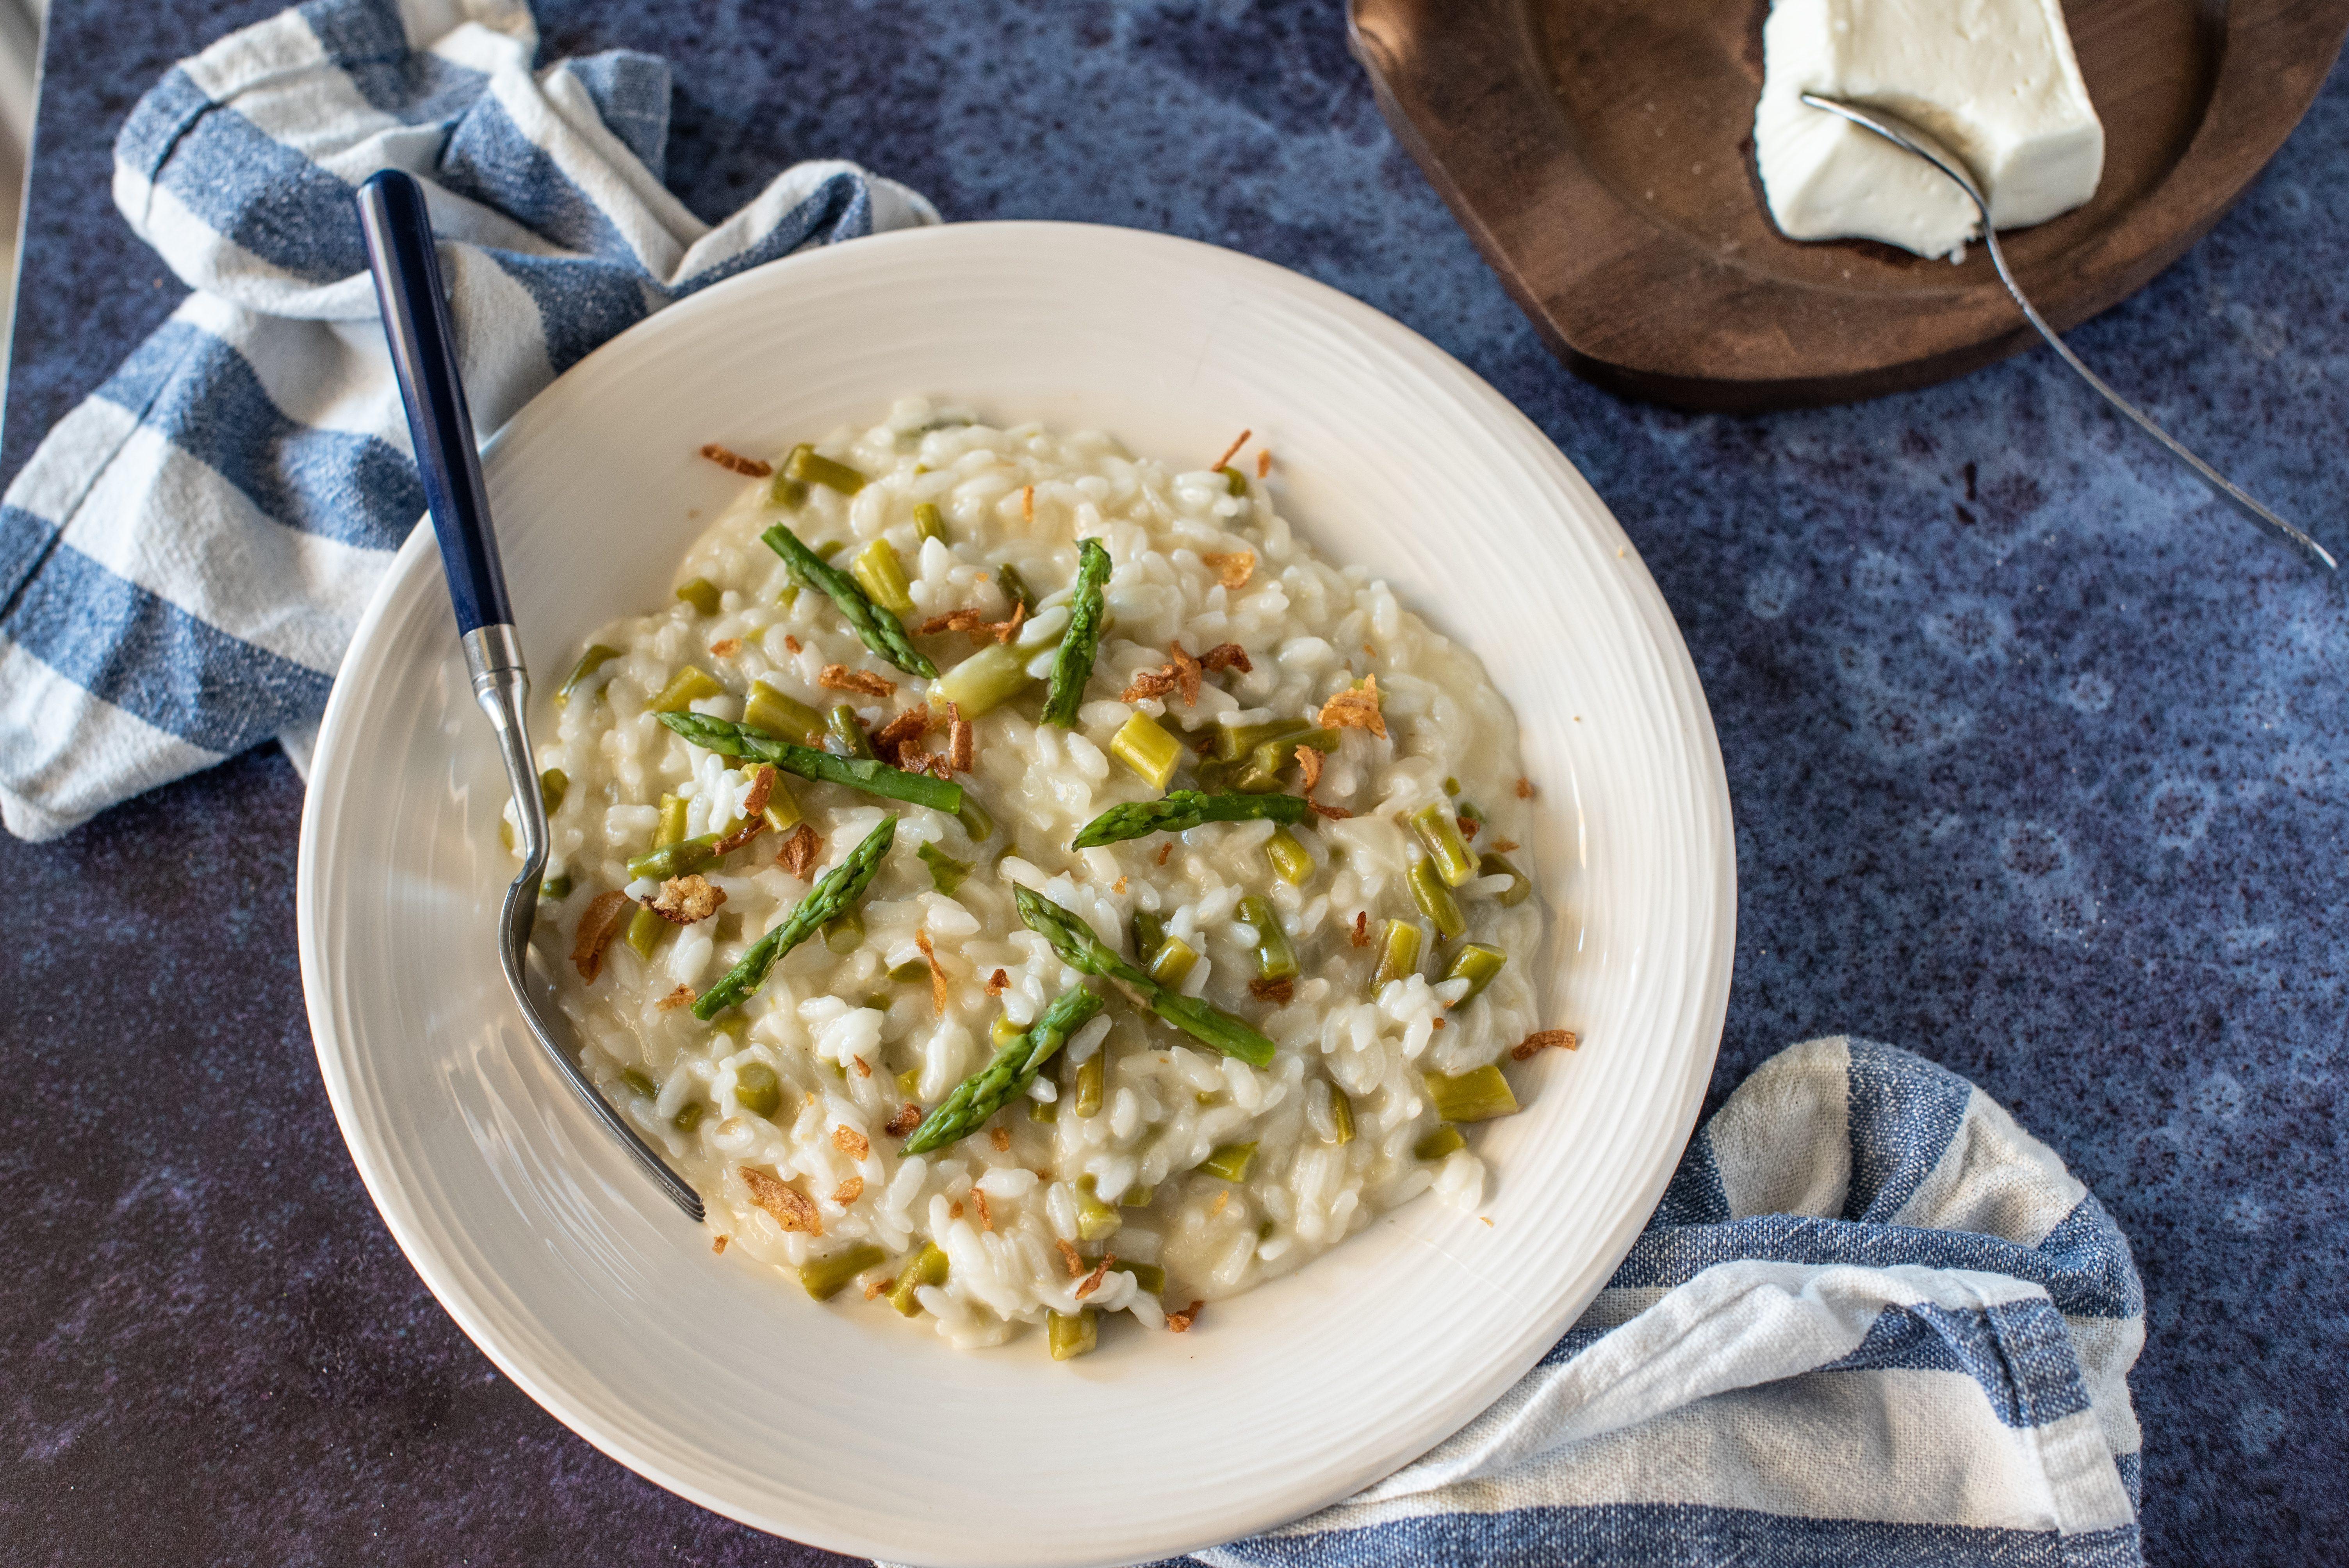 Risotto asparagi e stracchino: la ricetta del primo piatto leggero e cremoso